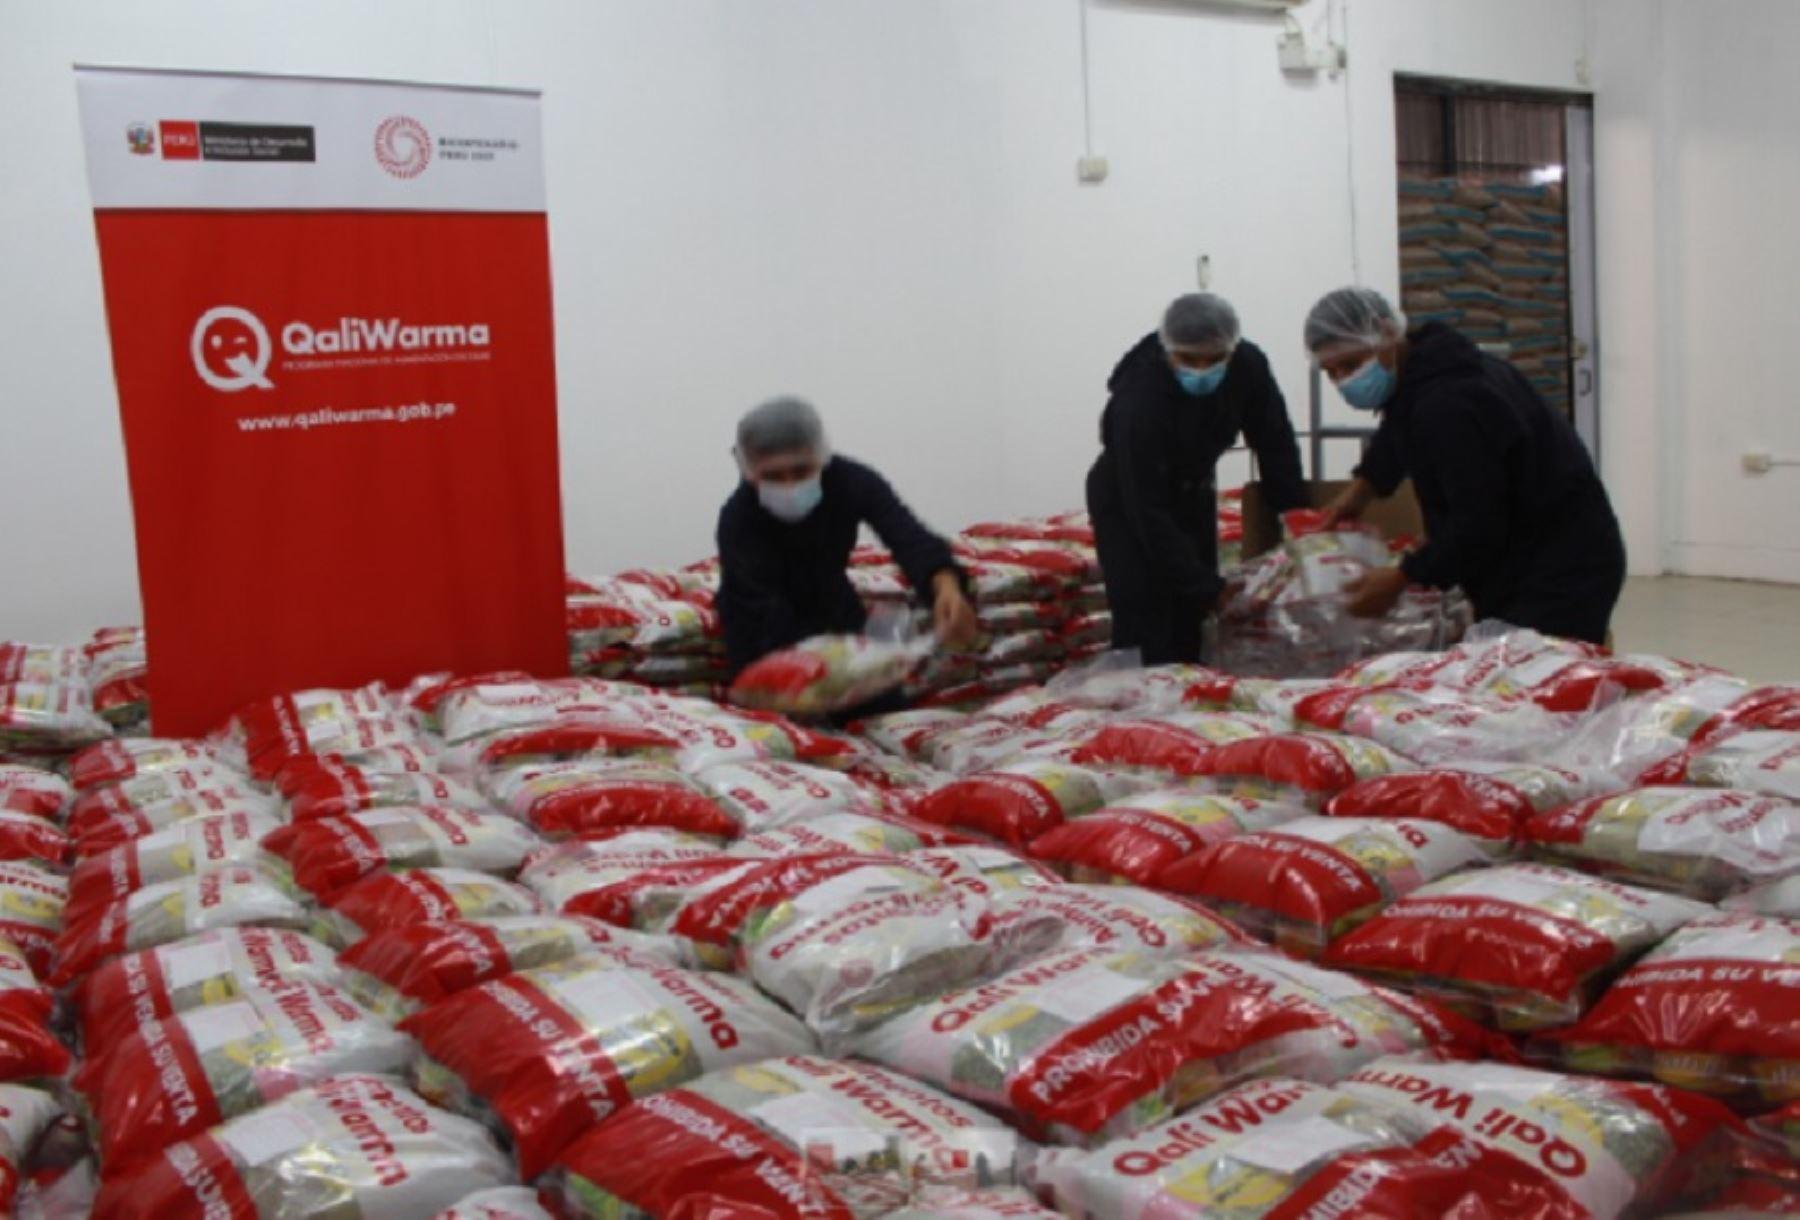 Qali Warma entrega cerca de 36 toneladas de alimentos al municipio de Chiclayo